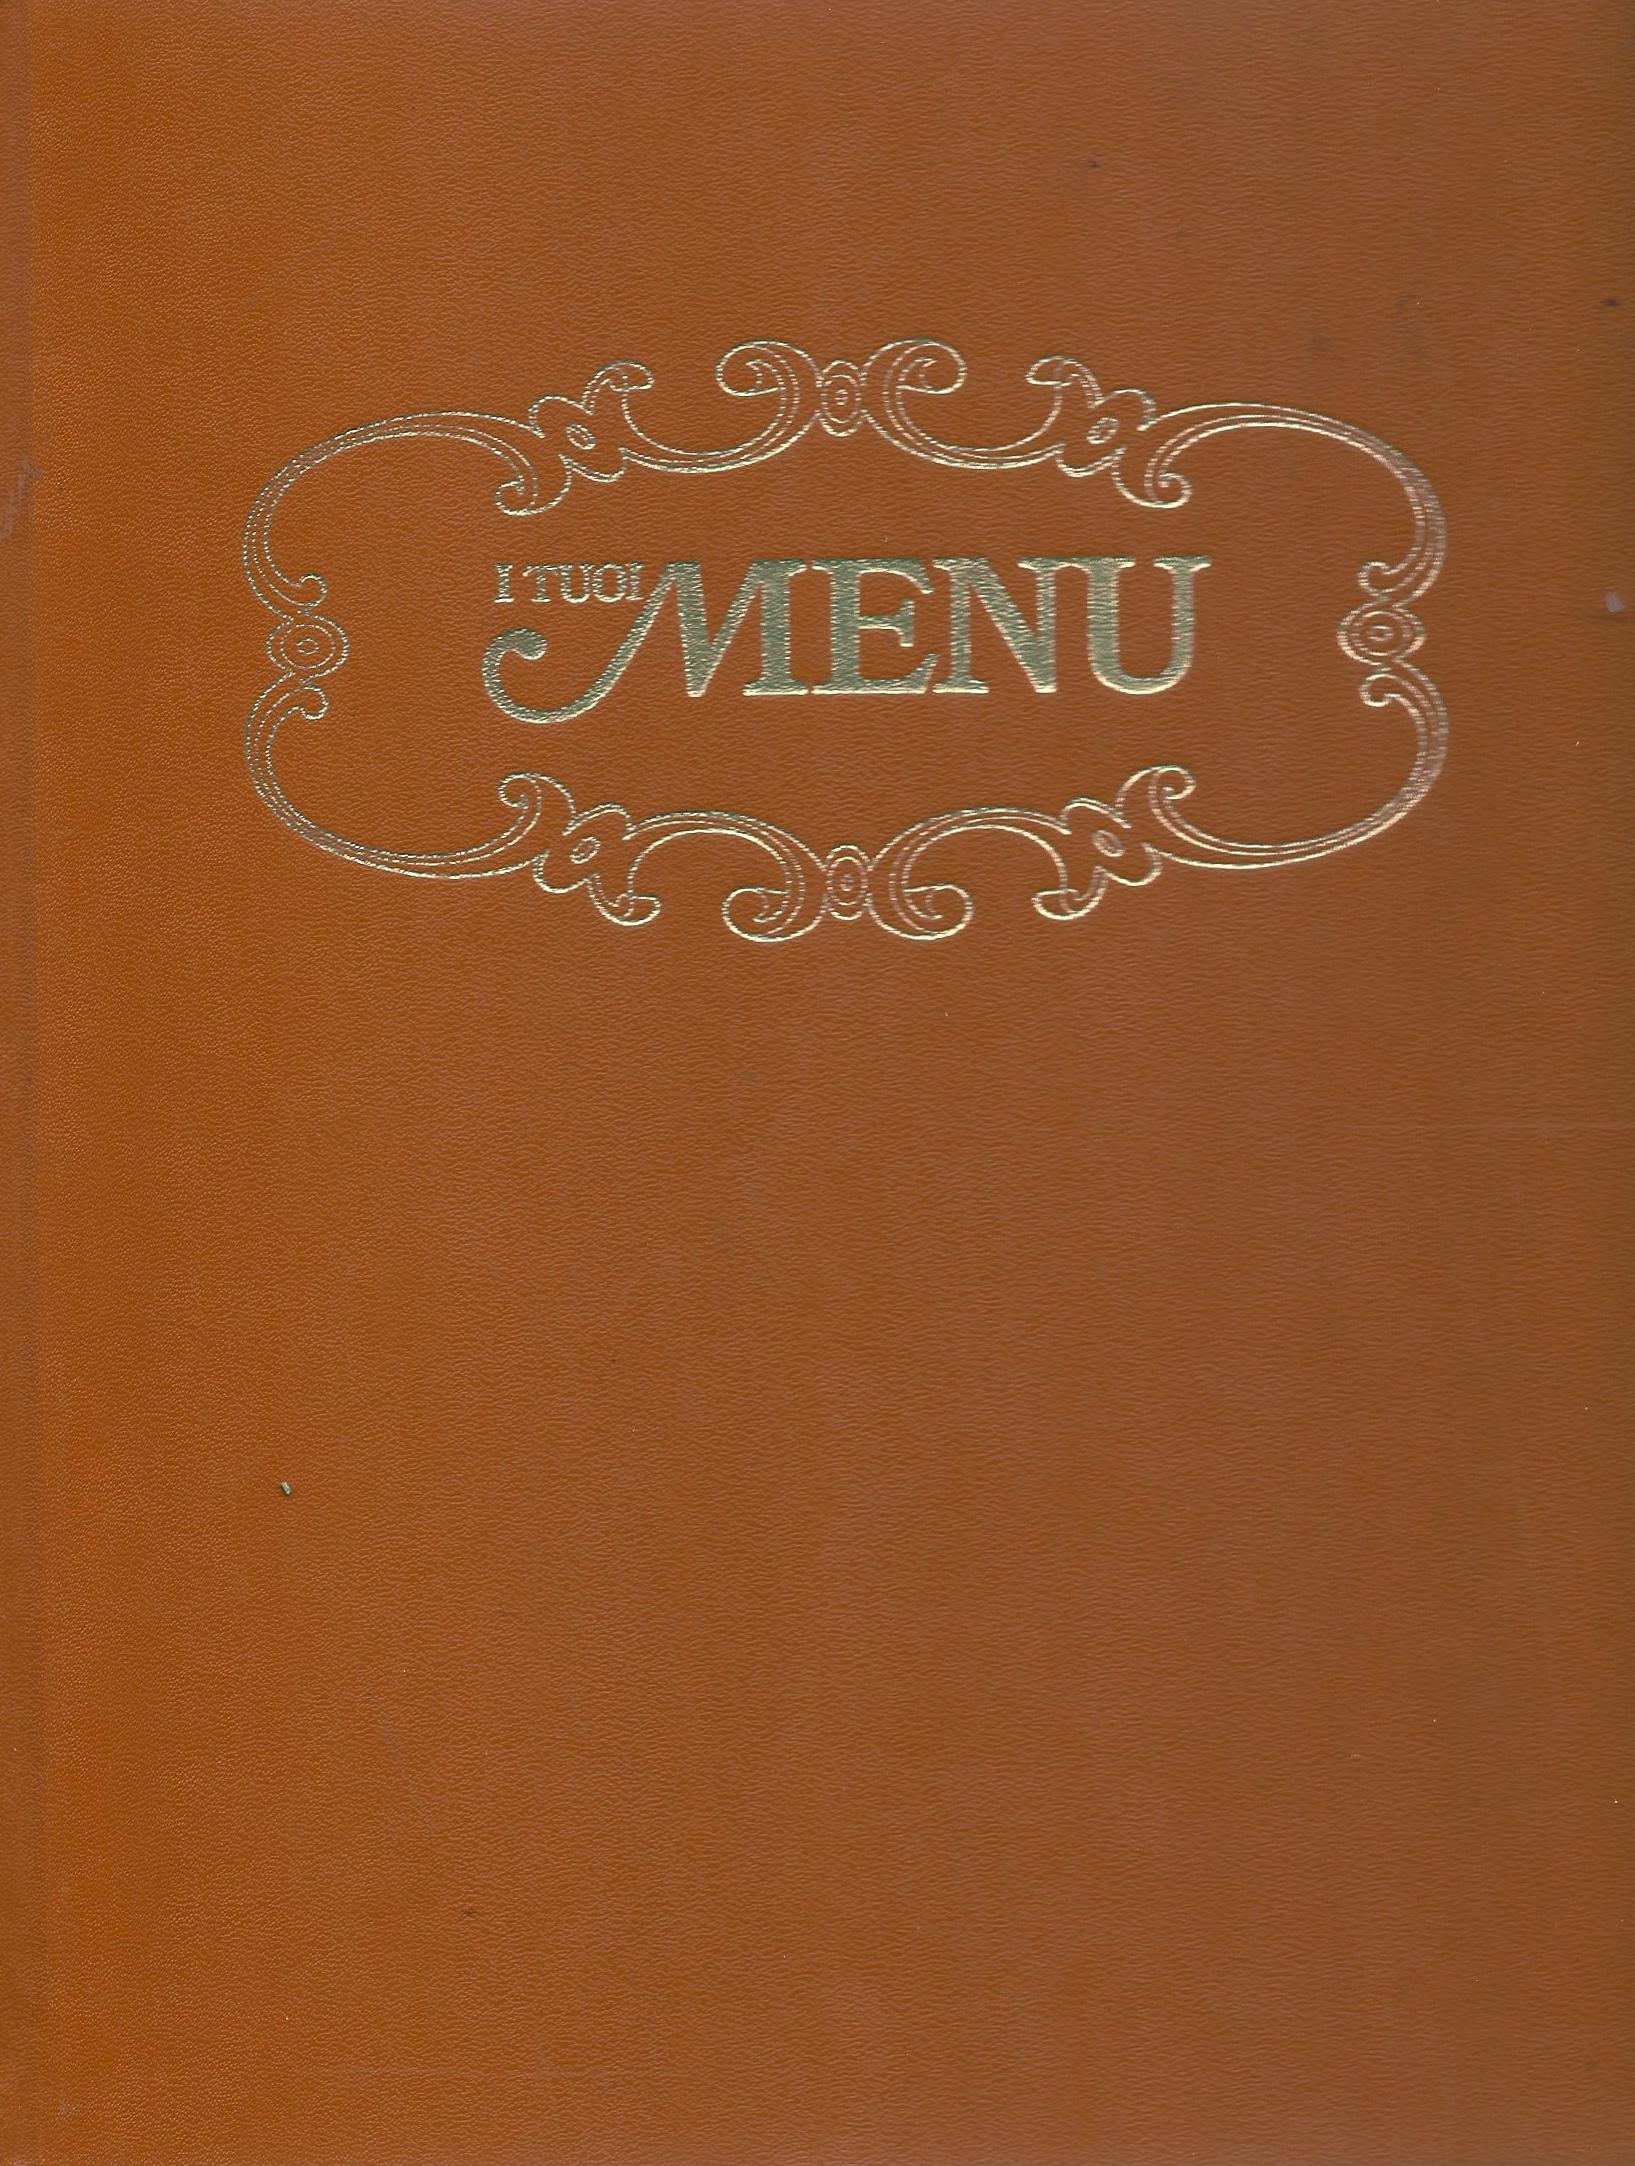 I tuoi menu - vol 4